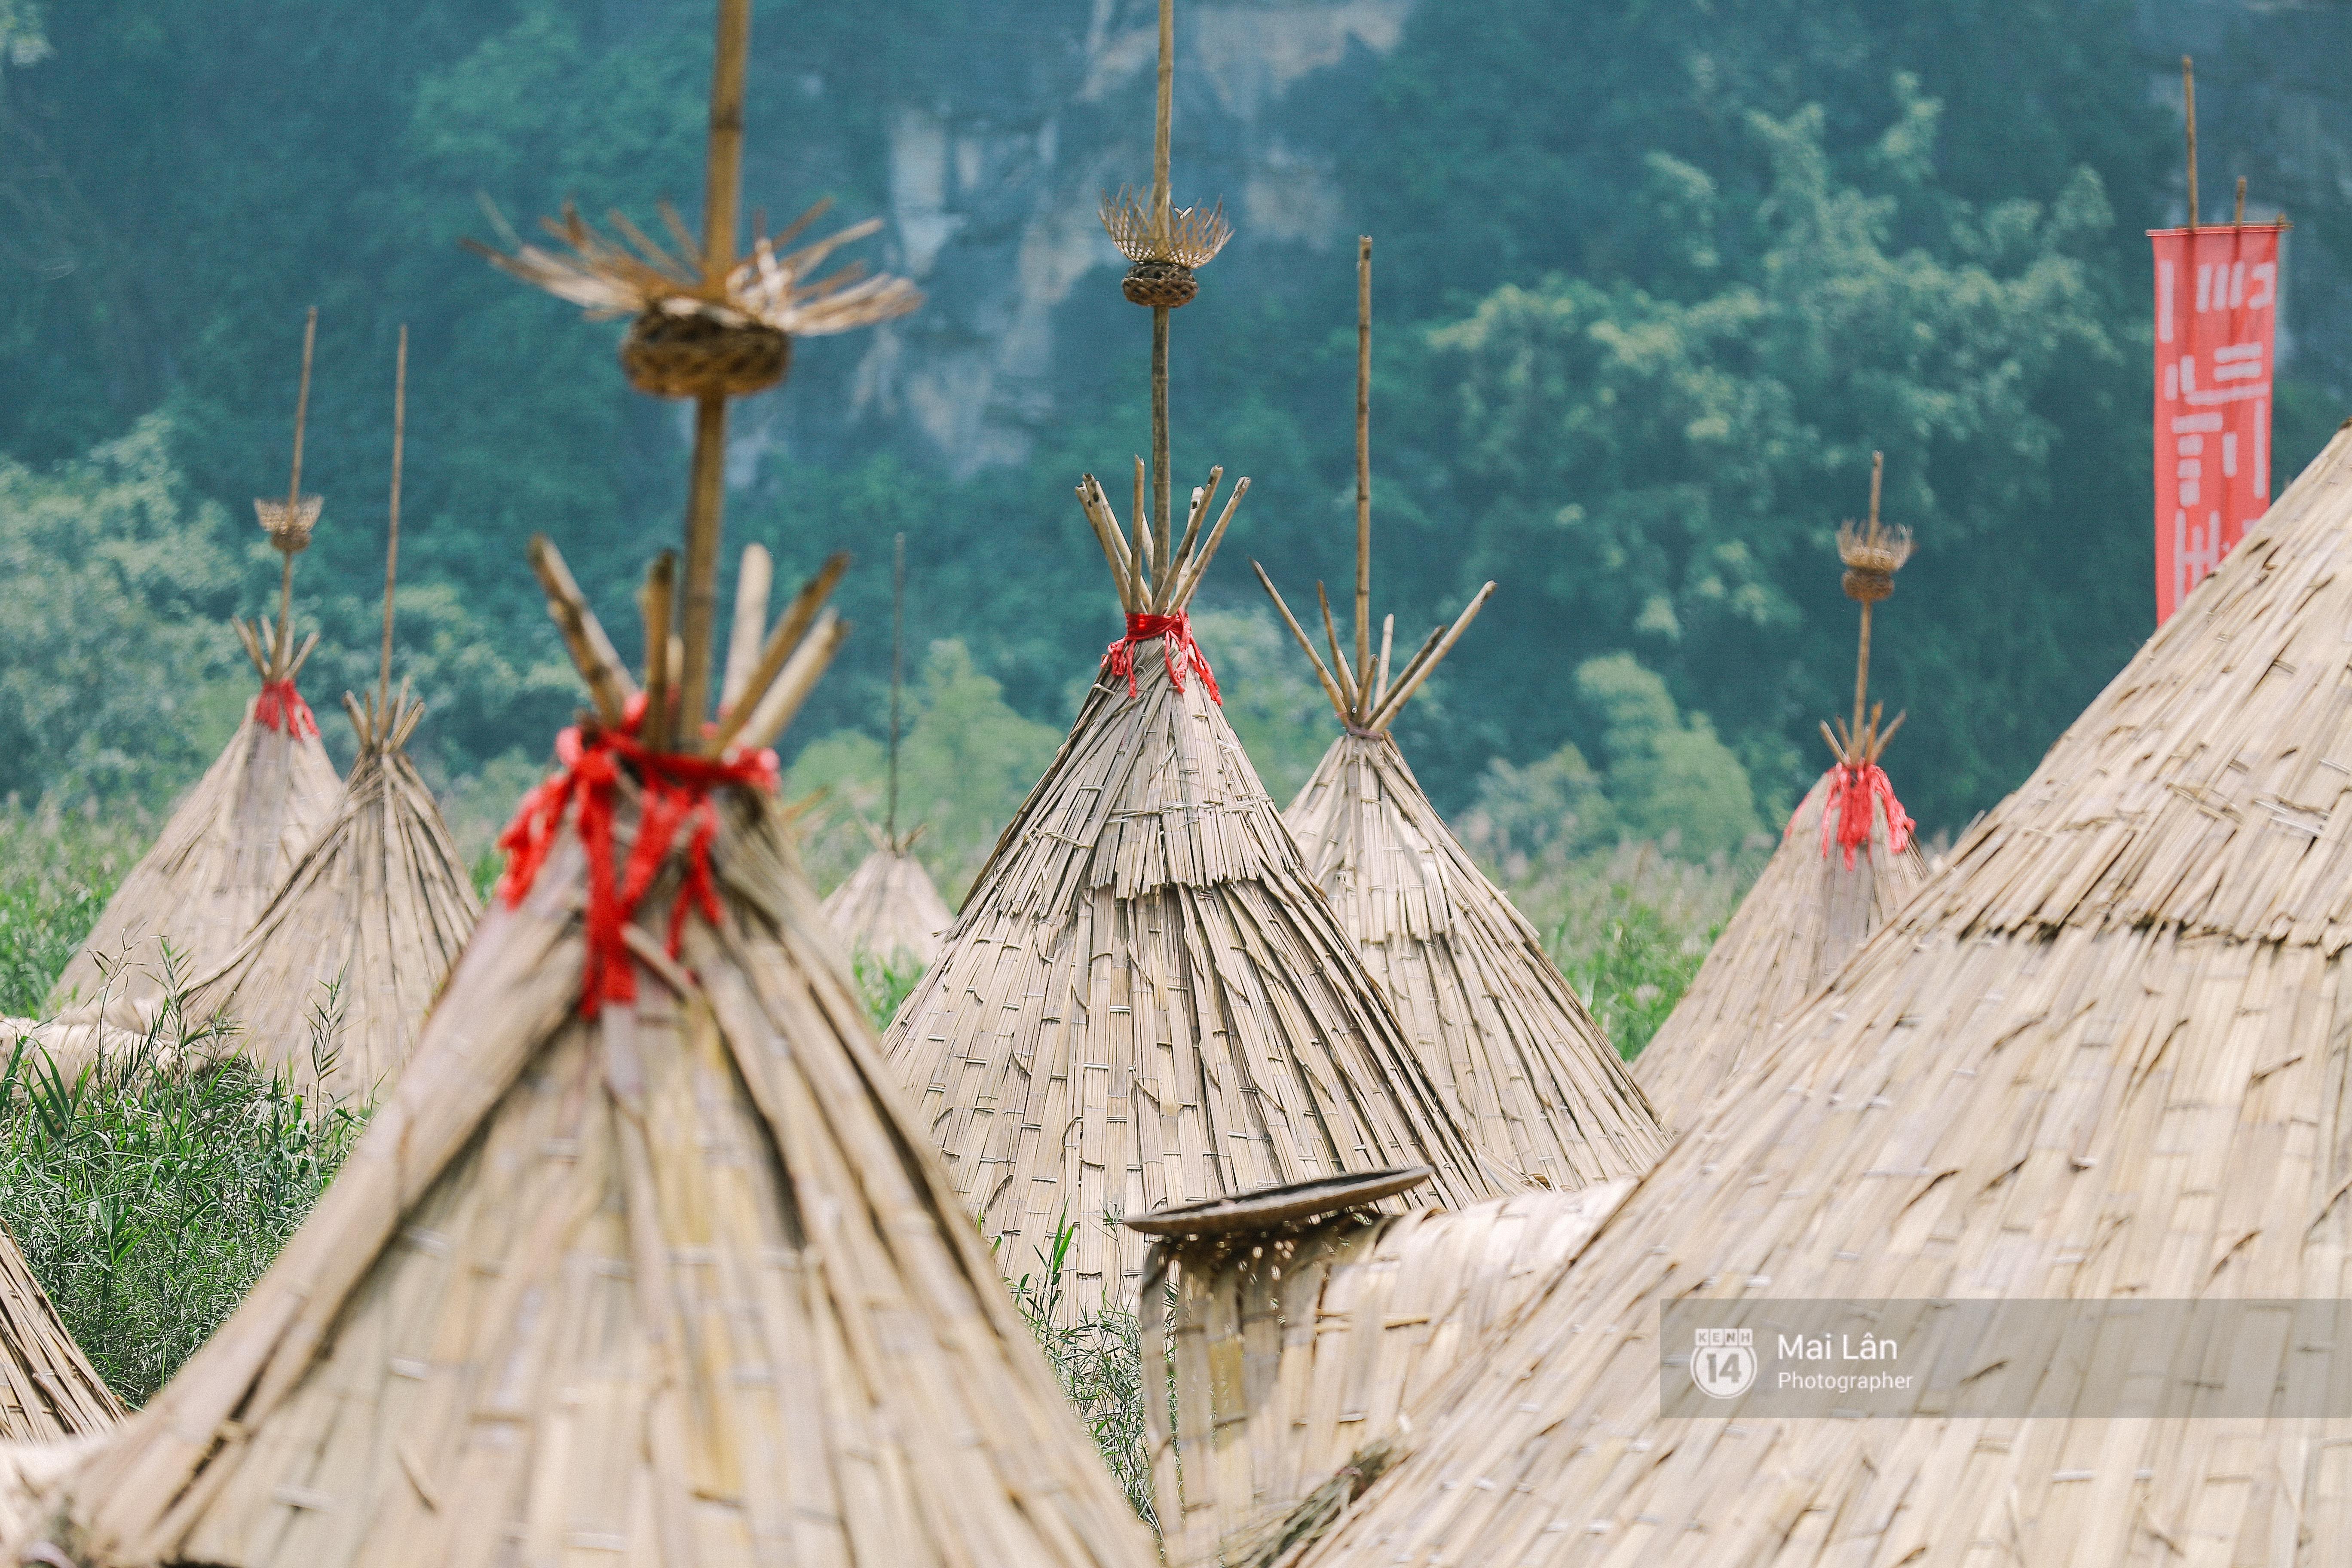 Cuối cùng cũng phục dựng xong, giờ tới Ninh Bình nhất định phải ghé làng thổ dân trong phim Kong! - Ảnh 19.